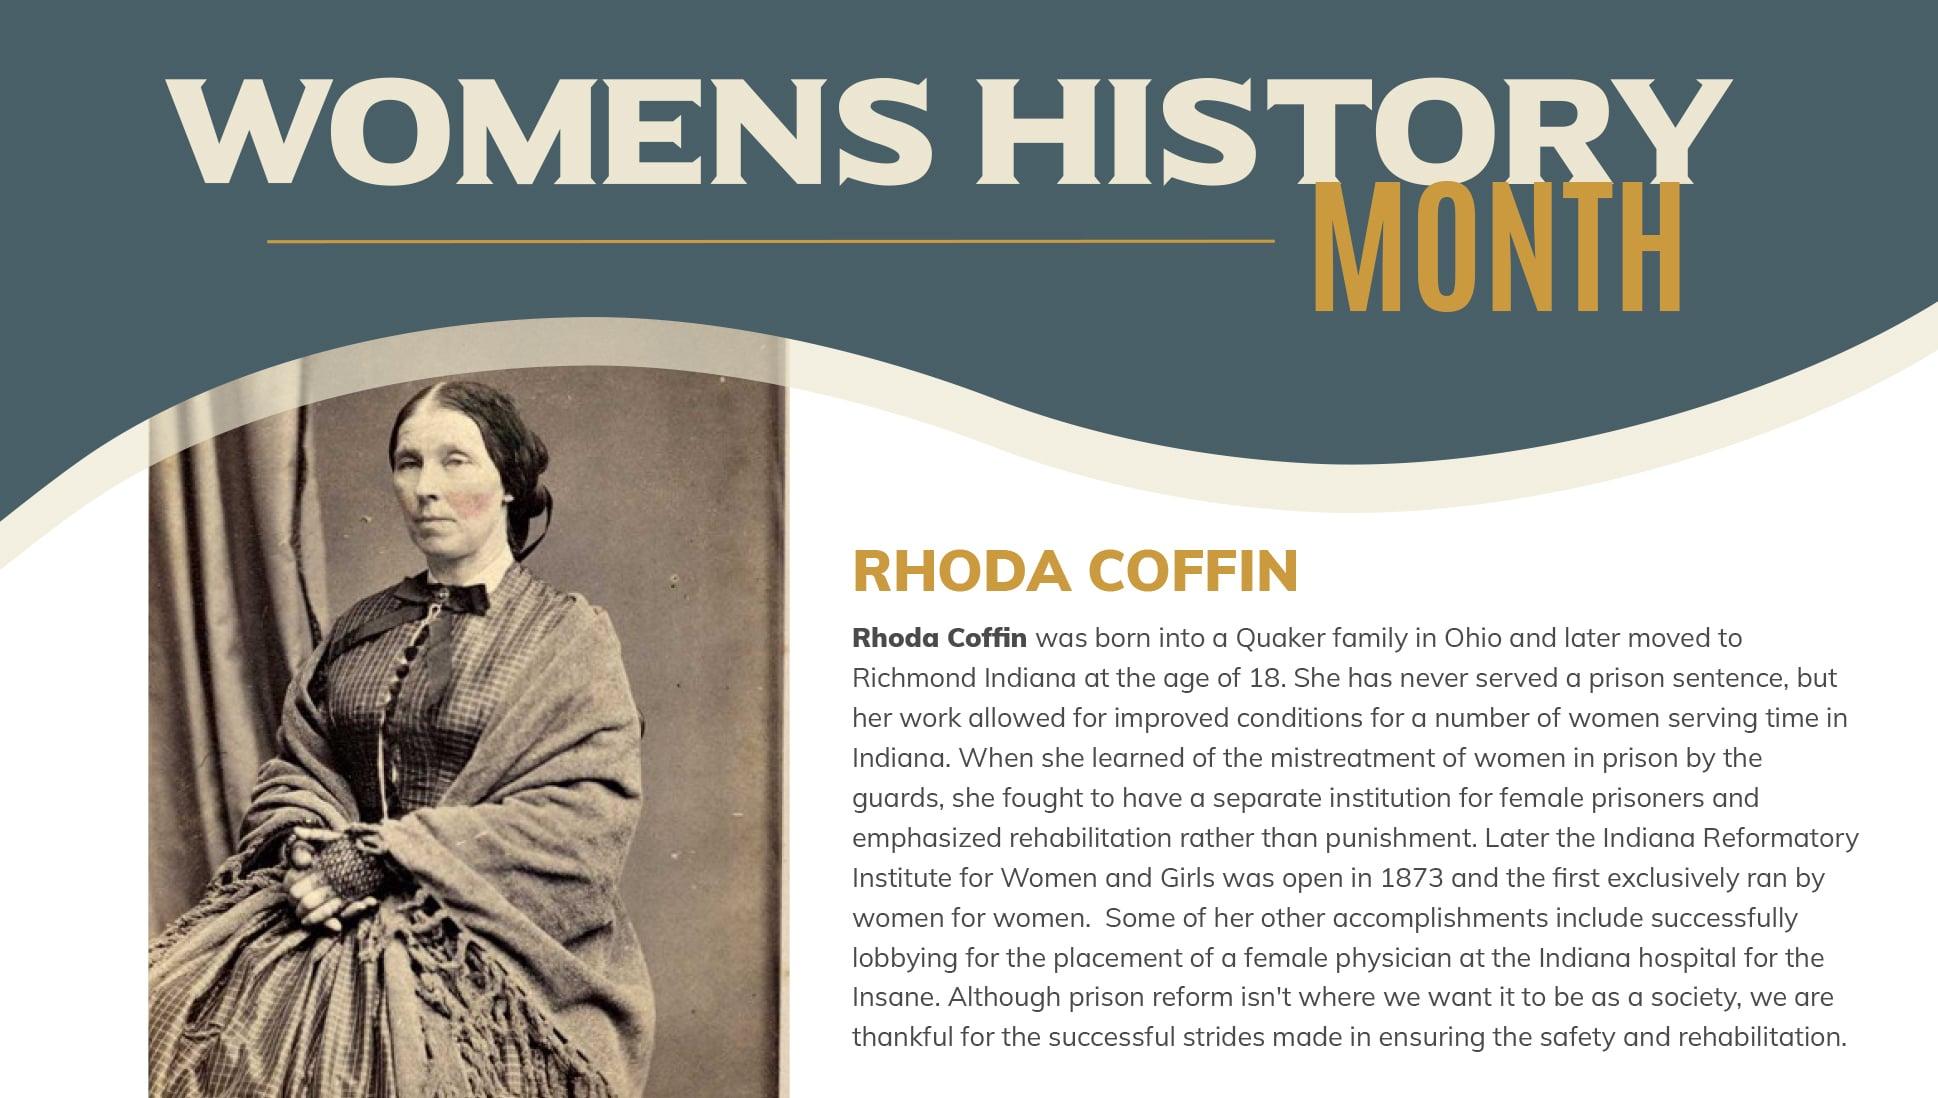 Rhoda Coffin